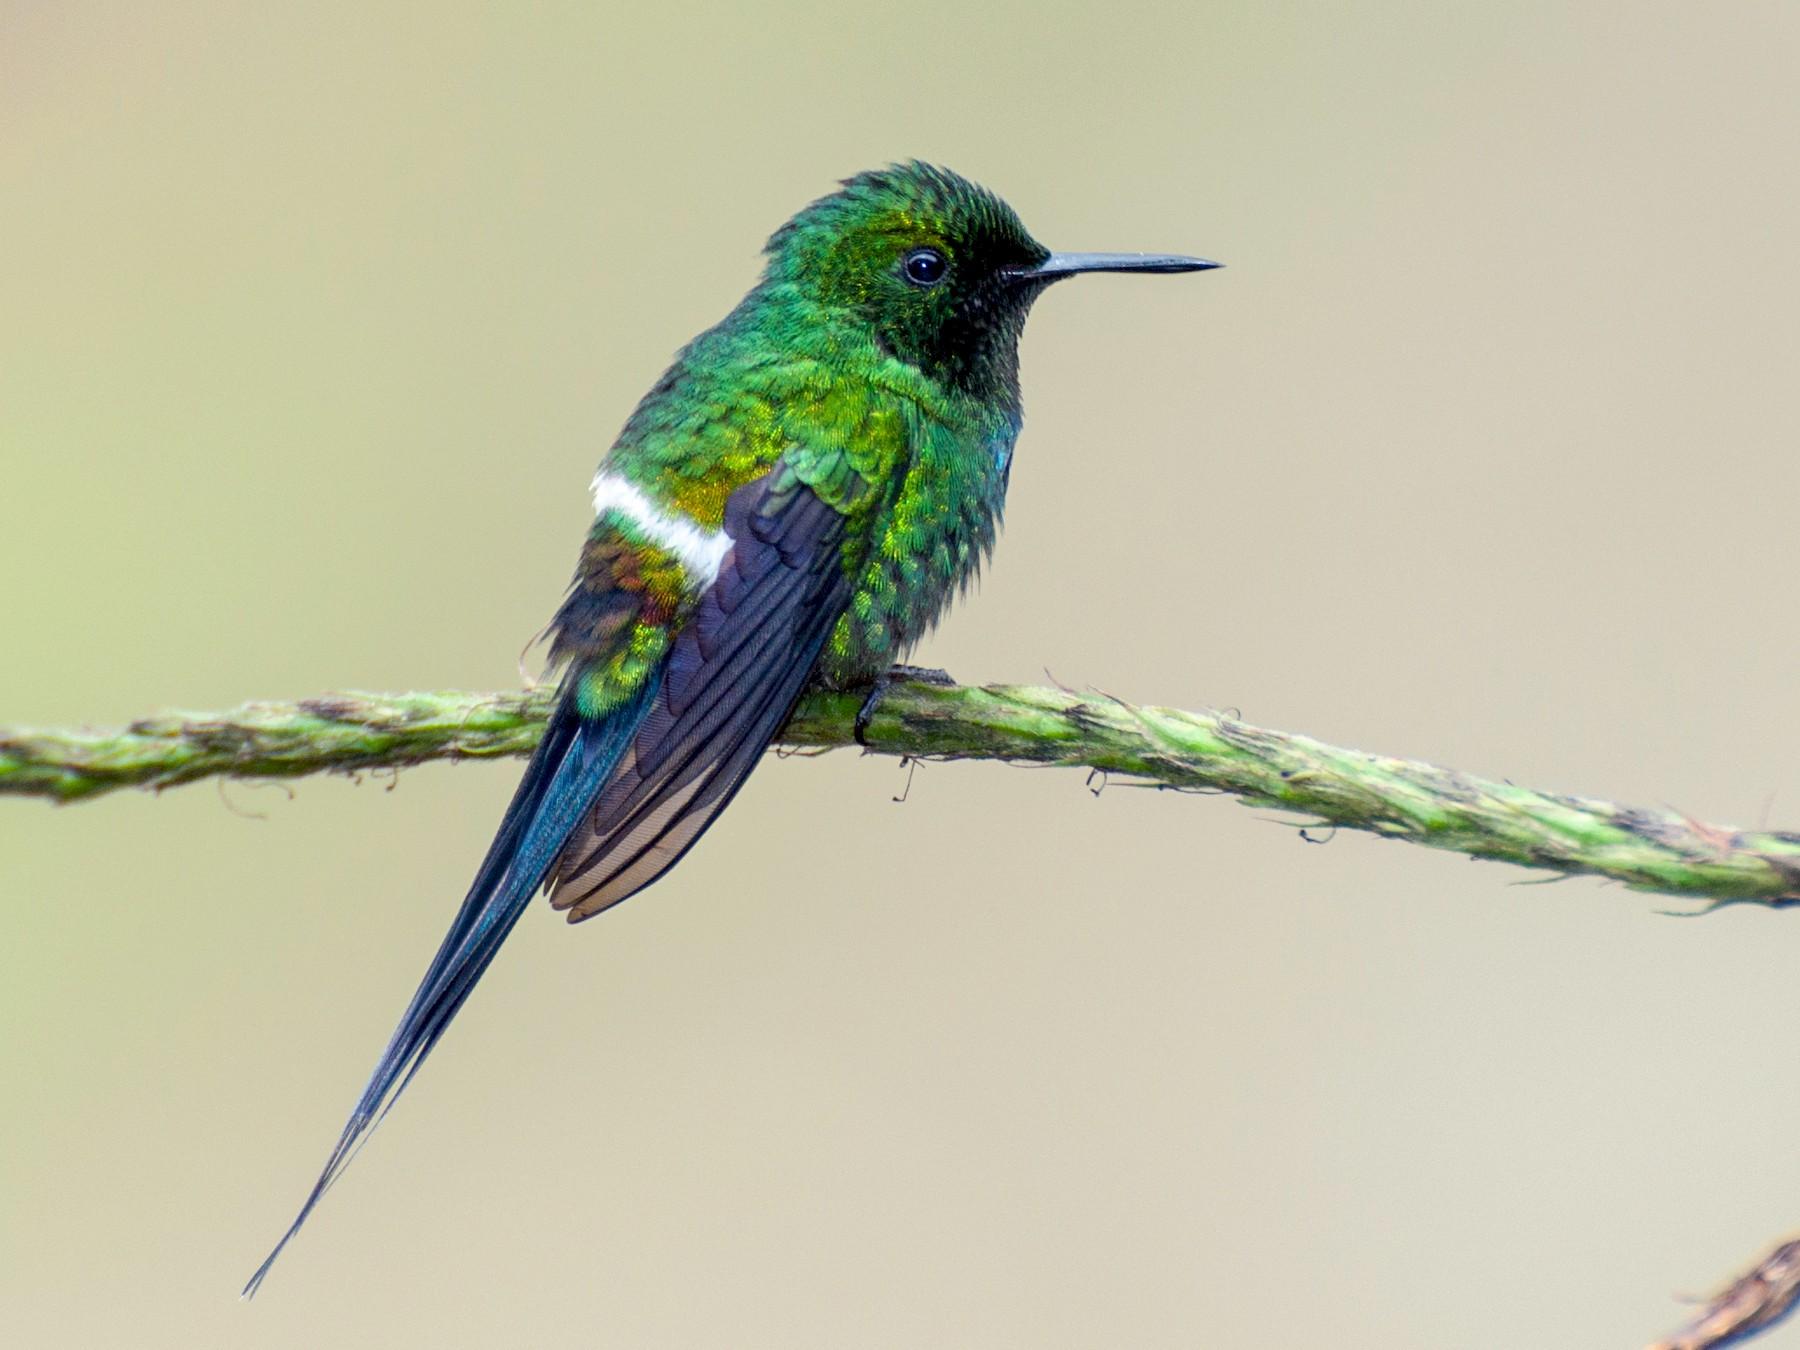 Green Thorntail - Nic Allen